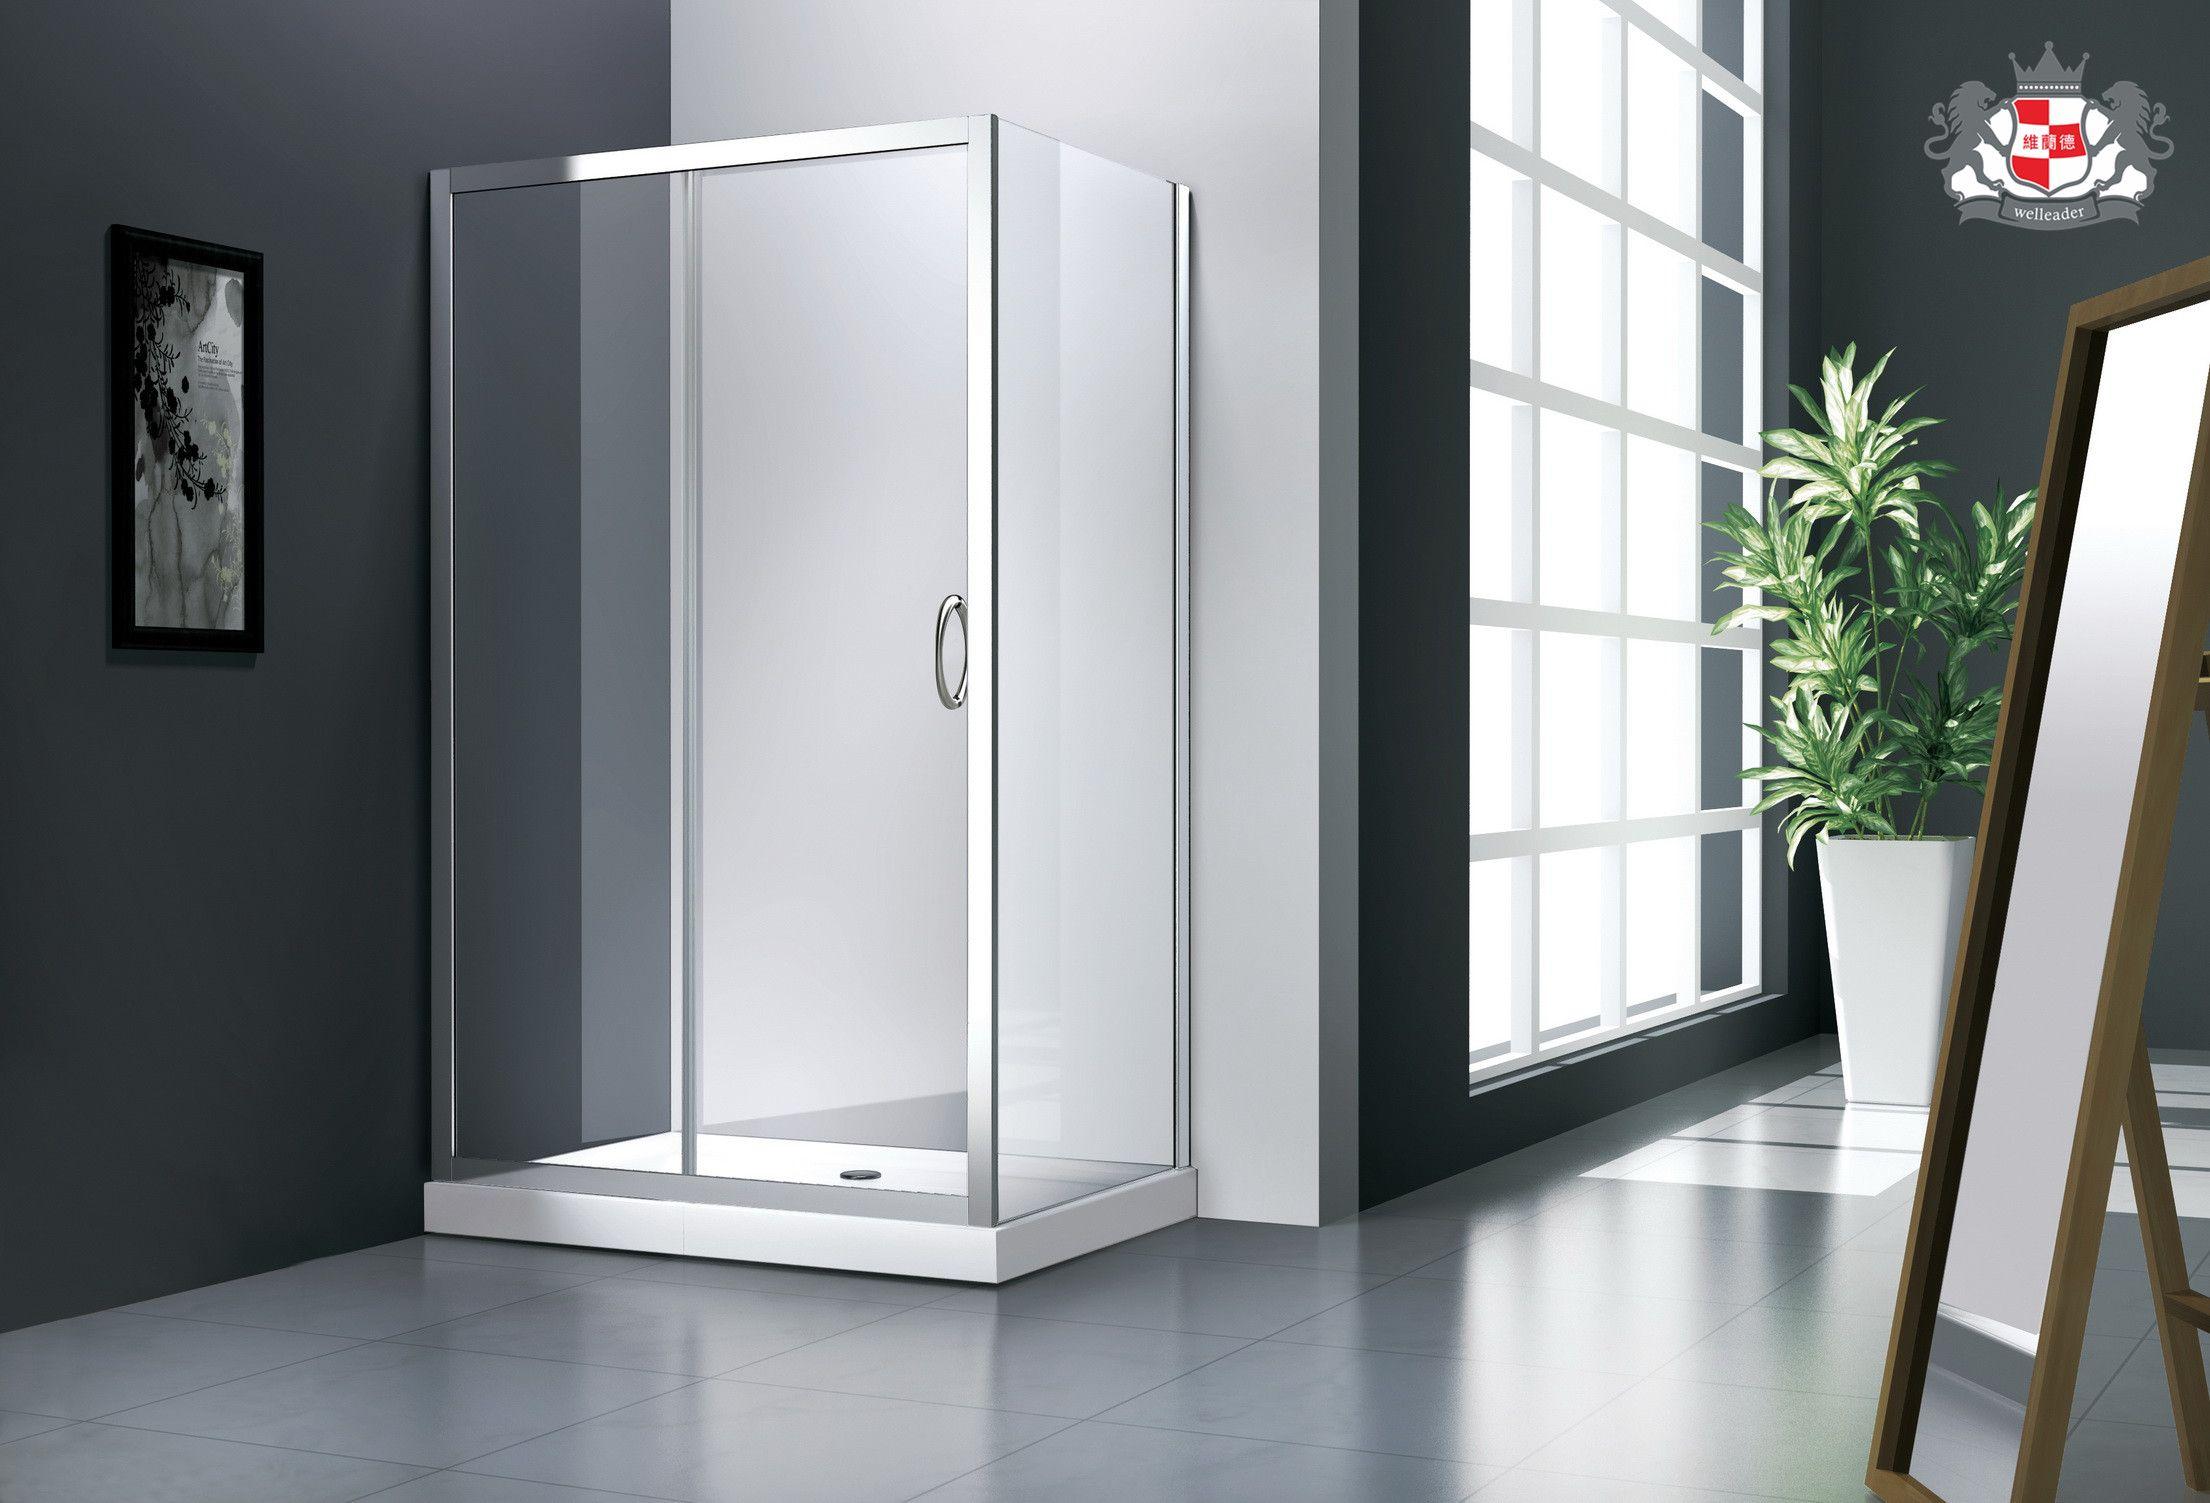 Jt531 Corner Entry Shower Enclusre Bifold Shower Door Glass Shower Doors Shower Doors